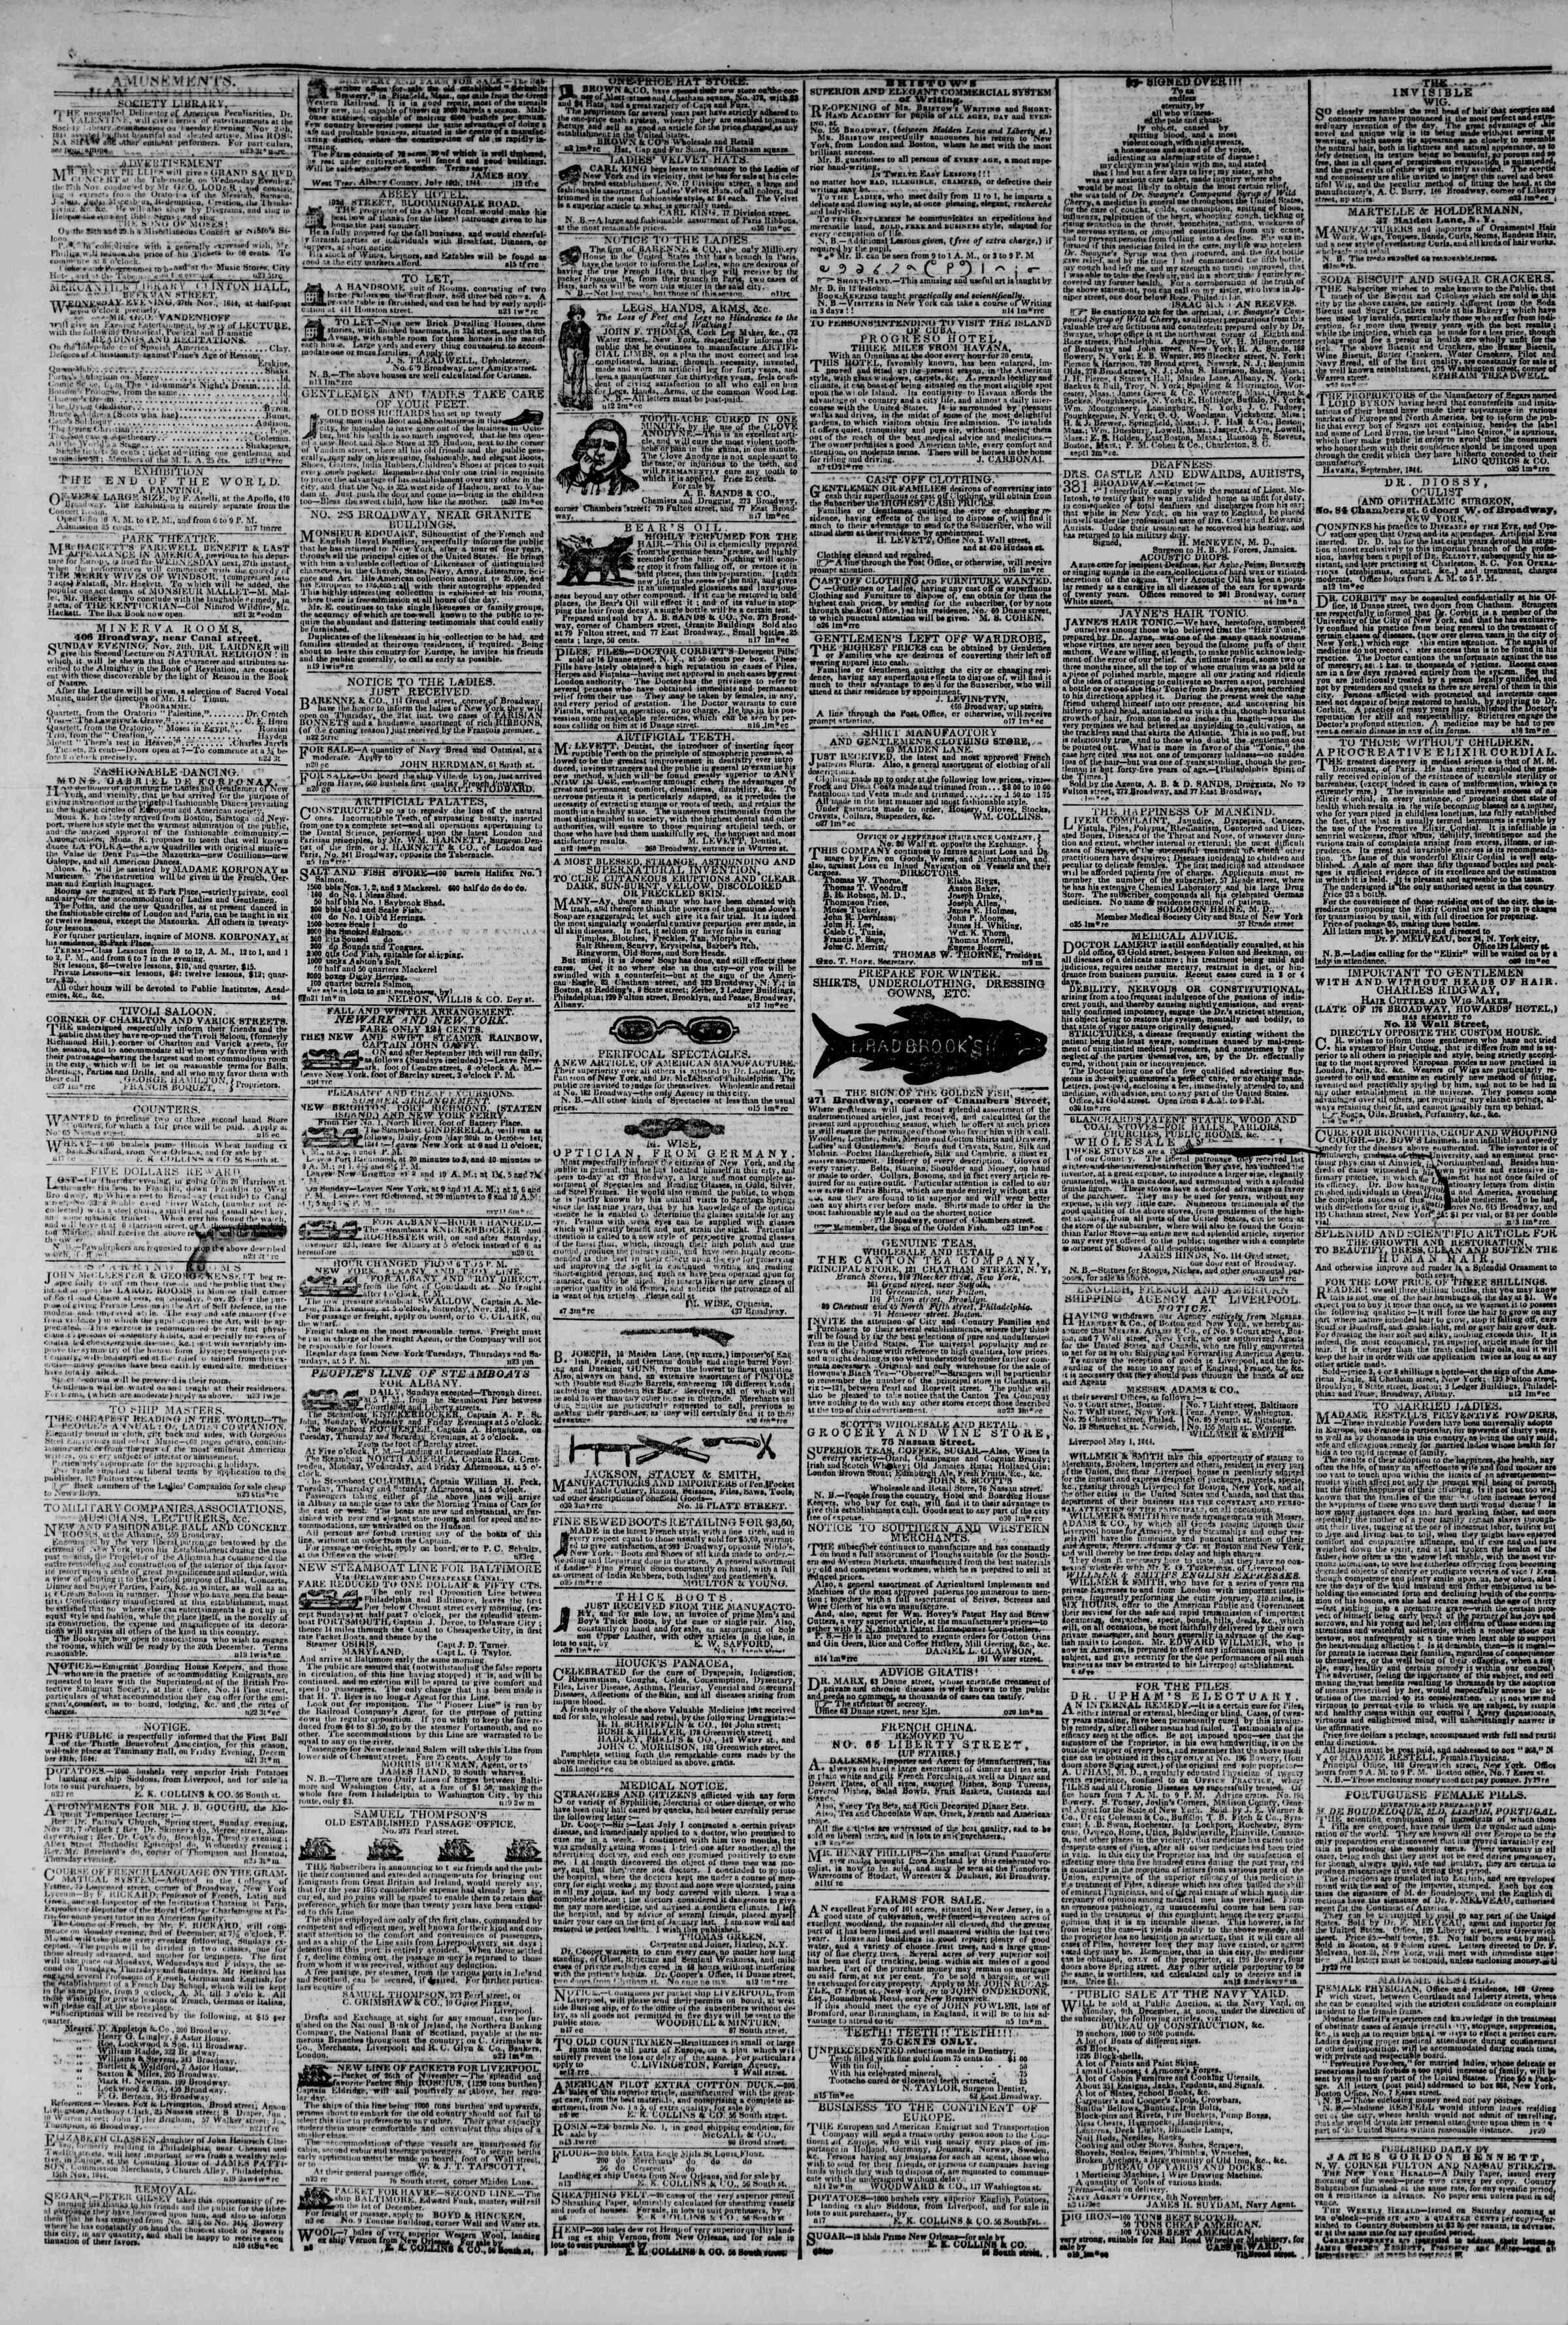 November 24, 1844 Tarihli The New York Herald Gazetesi Sayfa 4